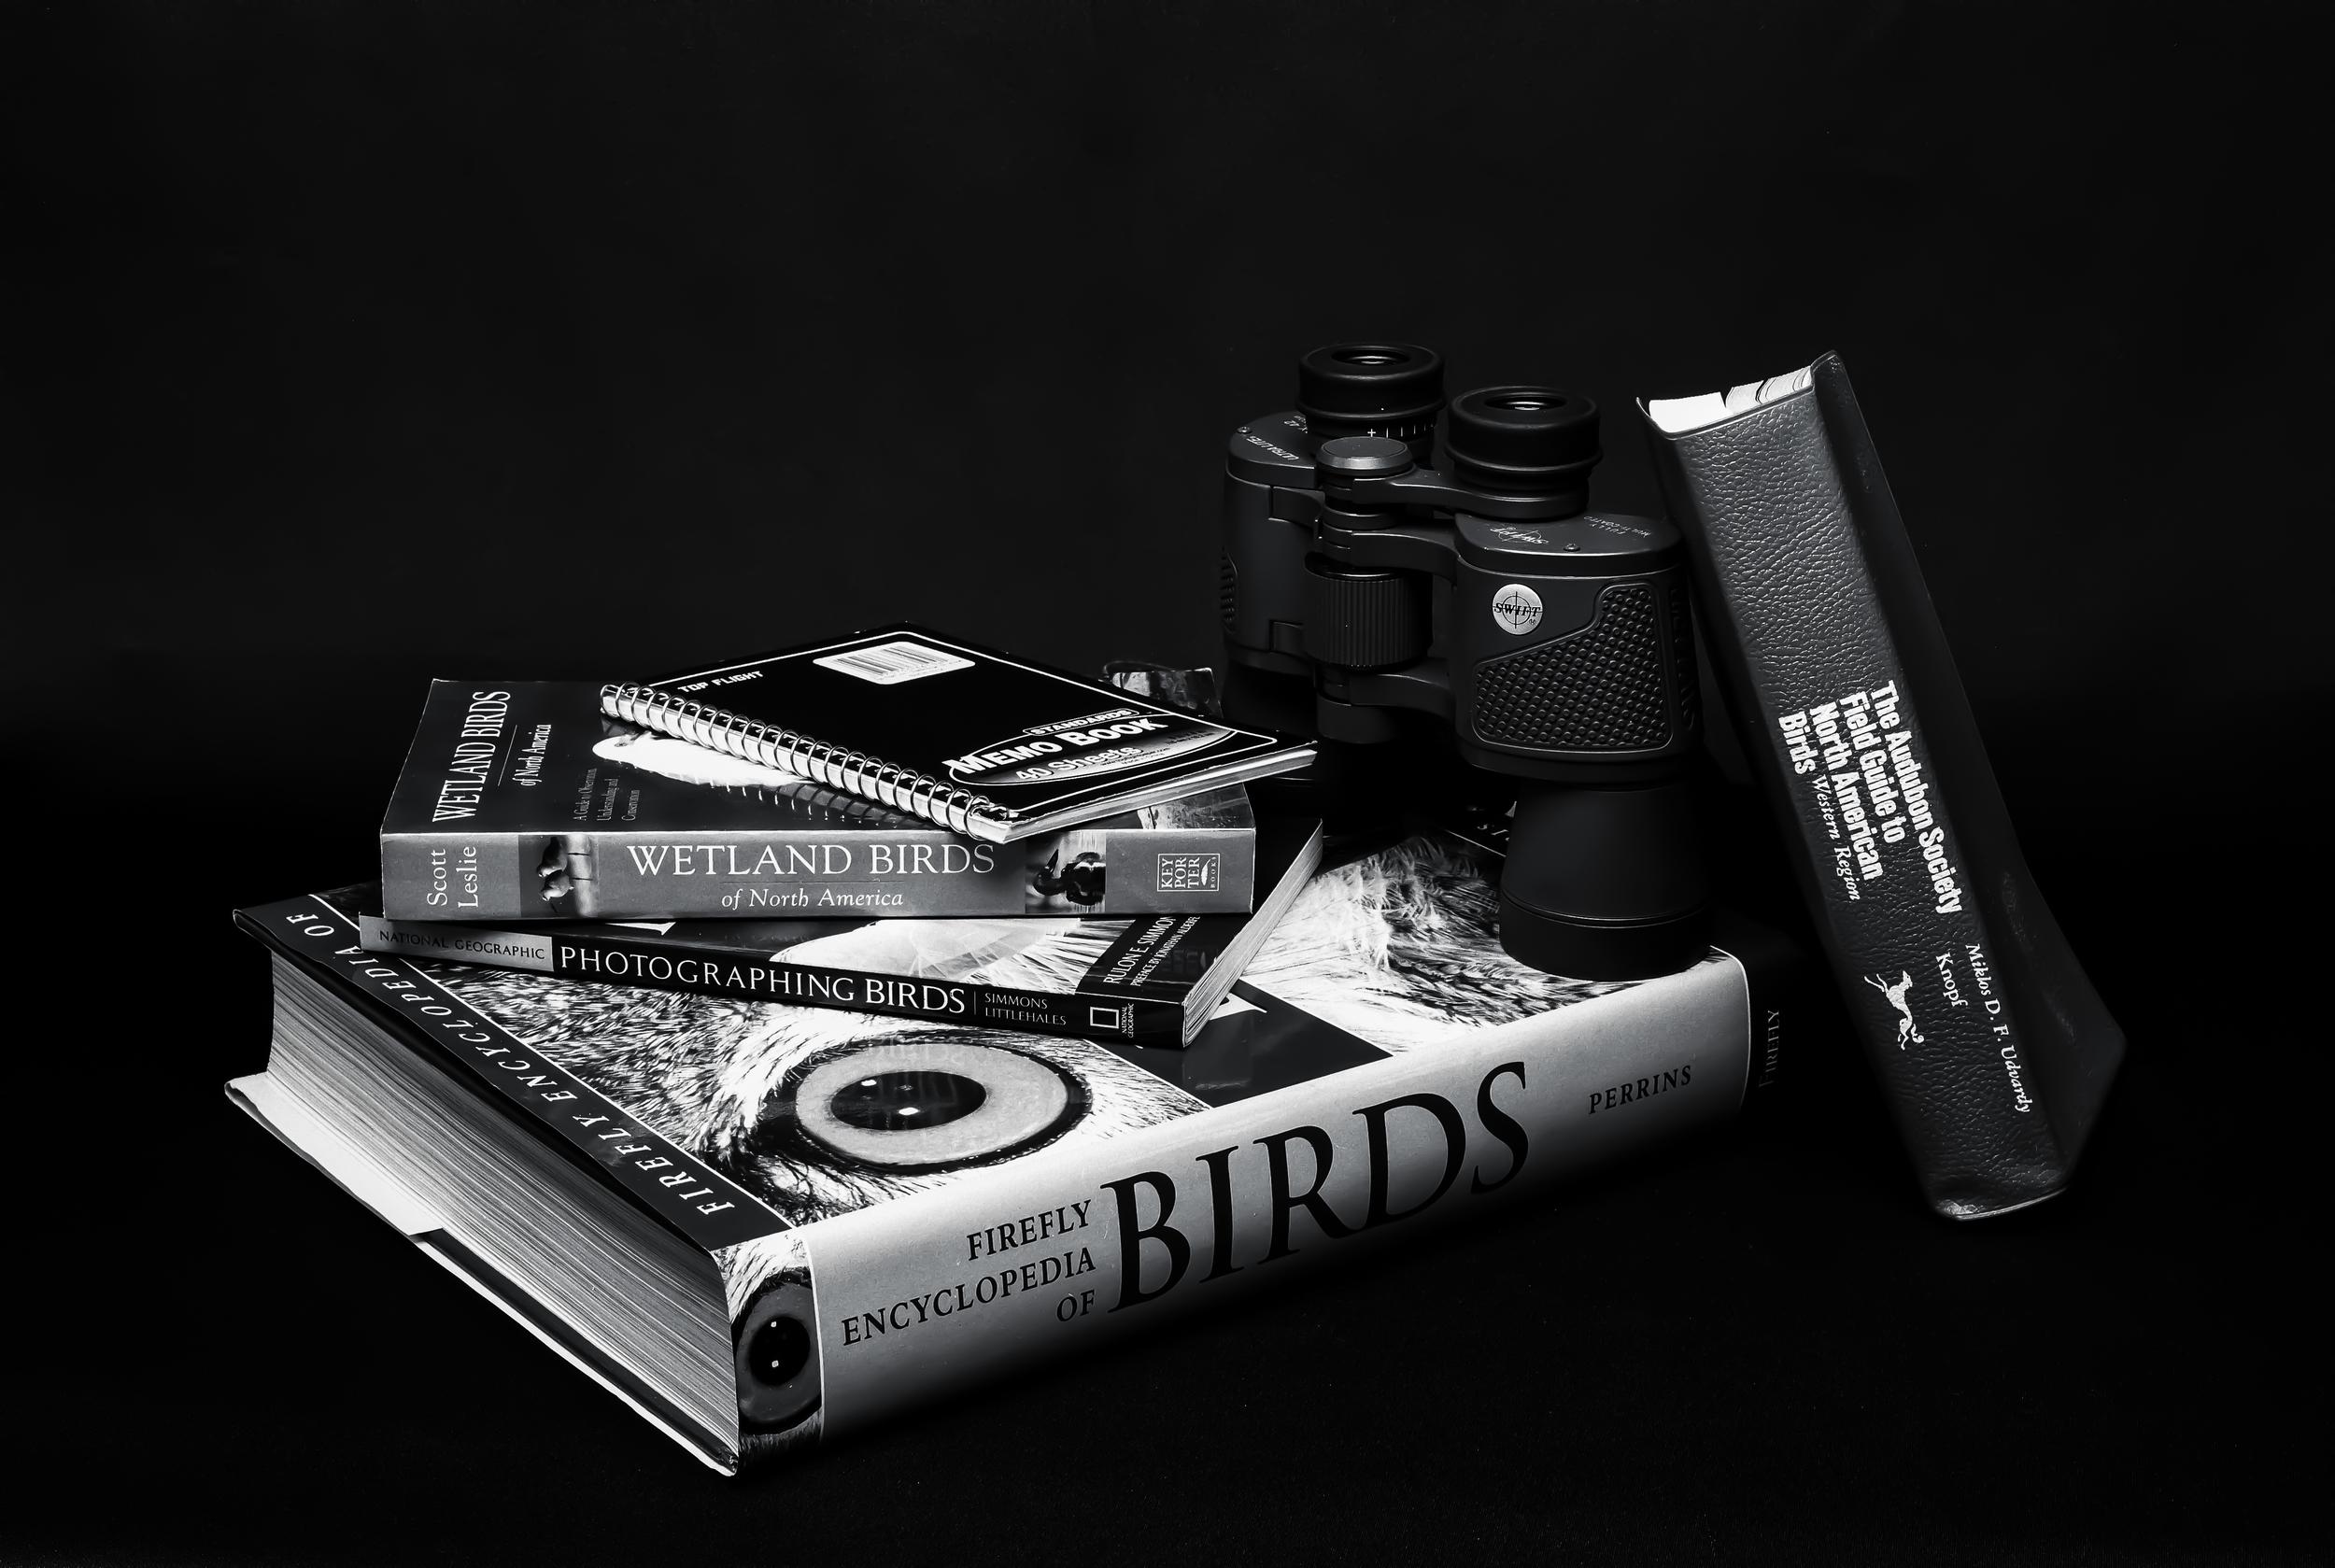 4x5_for_365_project_003_birder_still_life_001_full.jpg